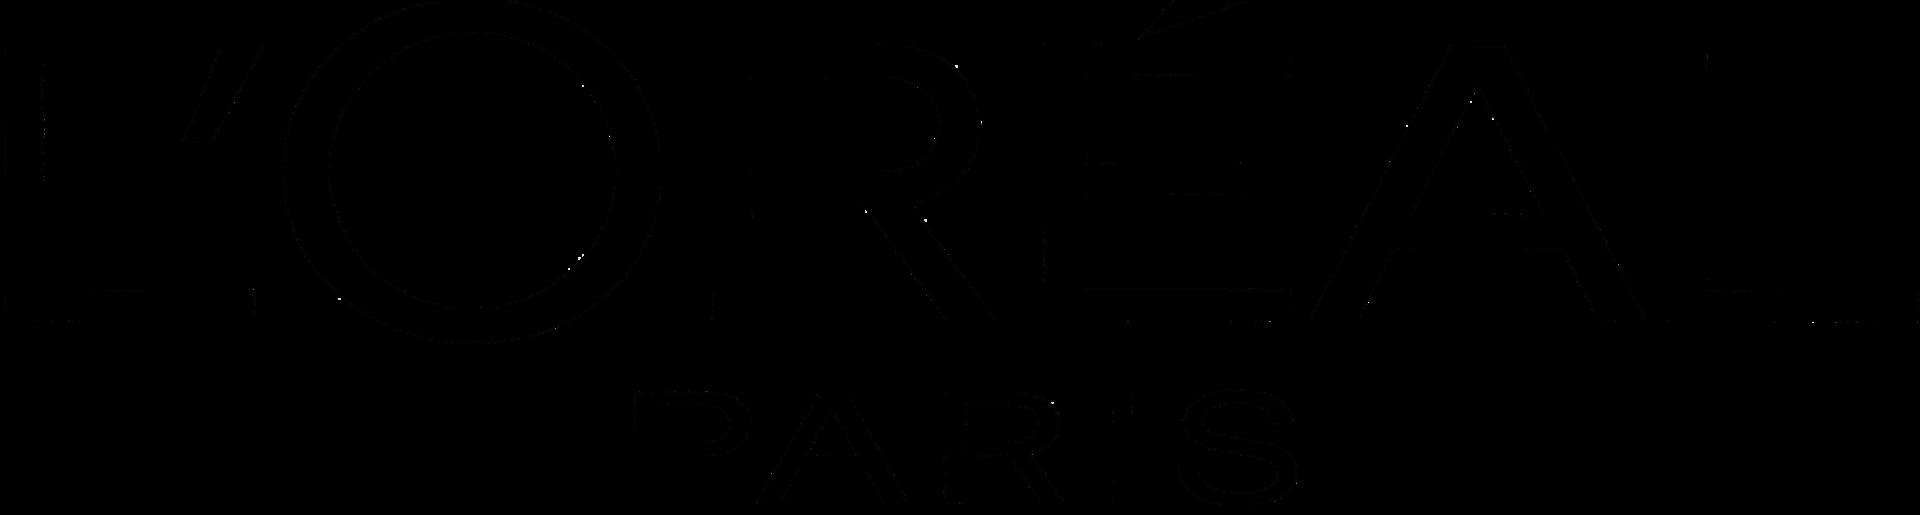 loreal-paris-logo-high-resolution-large-png-black-white